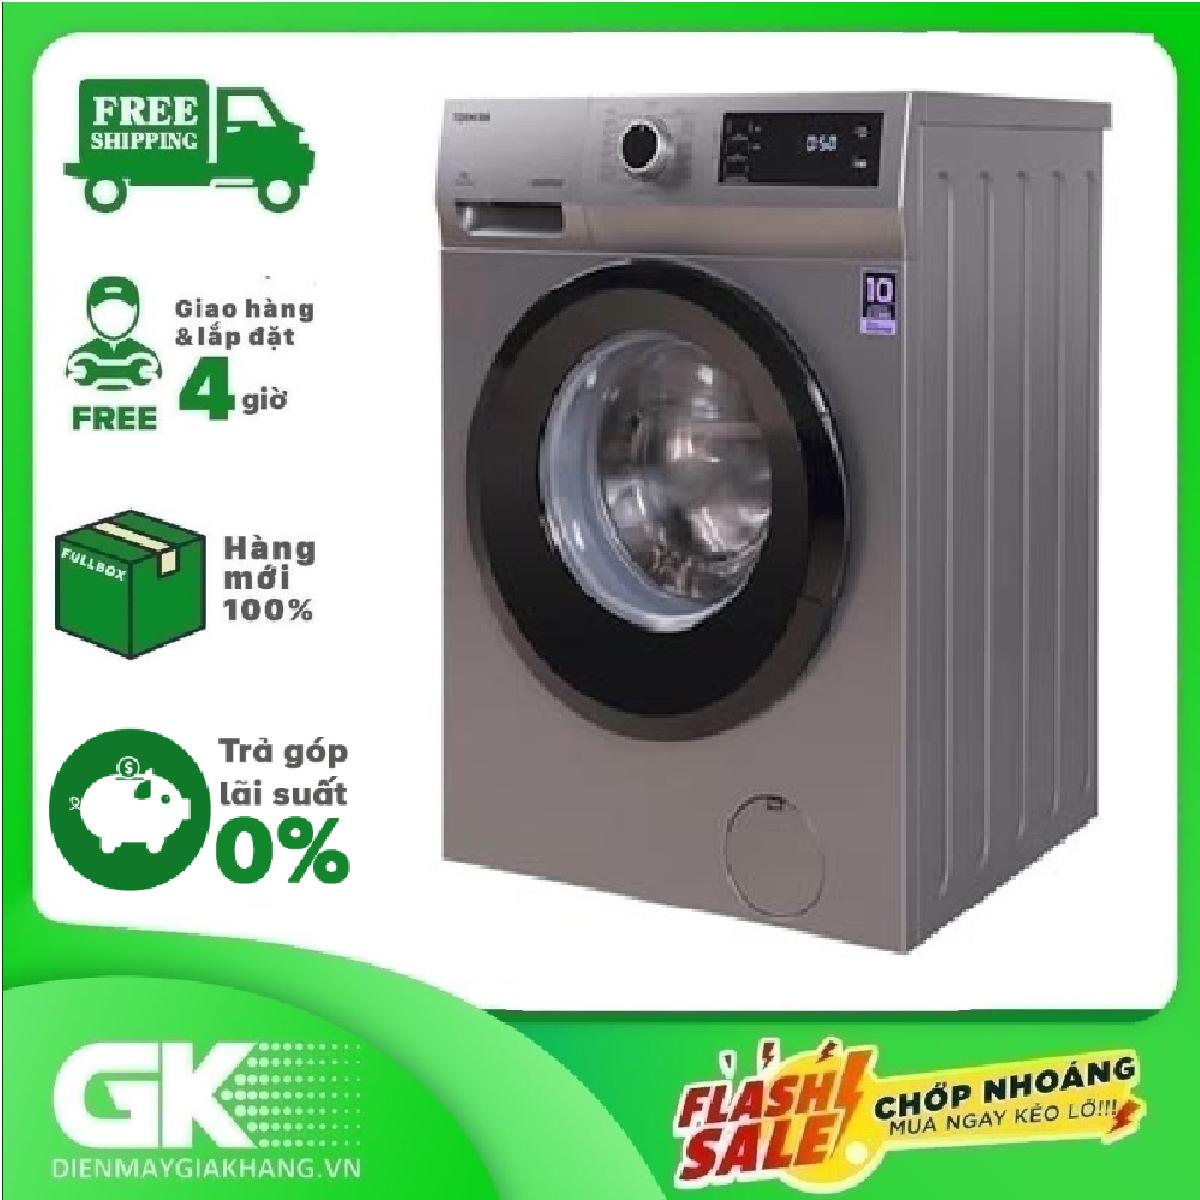 [HẠN GIAO 30 NGÀY] [Trả góp 0%]RẢ GÓP 0% - MÁY GIẶT LỒNG NGANG TOSHIBA 9.5Kg TW-BK105S3V (SK)- công nghệ Inverter công nghệ giặtGreatwave sức mạnh siêu sóng chế độ giặt nhanh 15 phút tự vệ sinh lồng giặt hẹn giờ khóa an toàn trẻ em - Bảo h